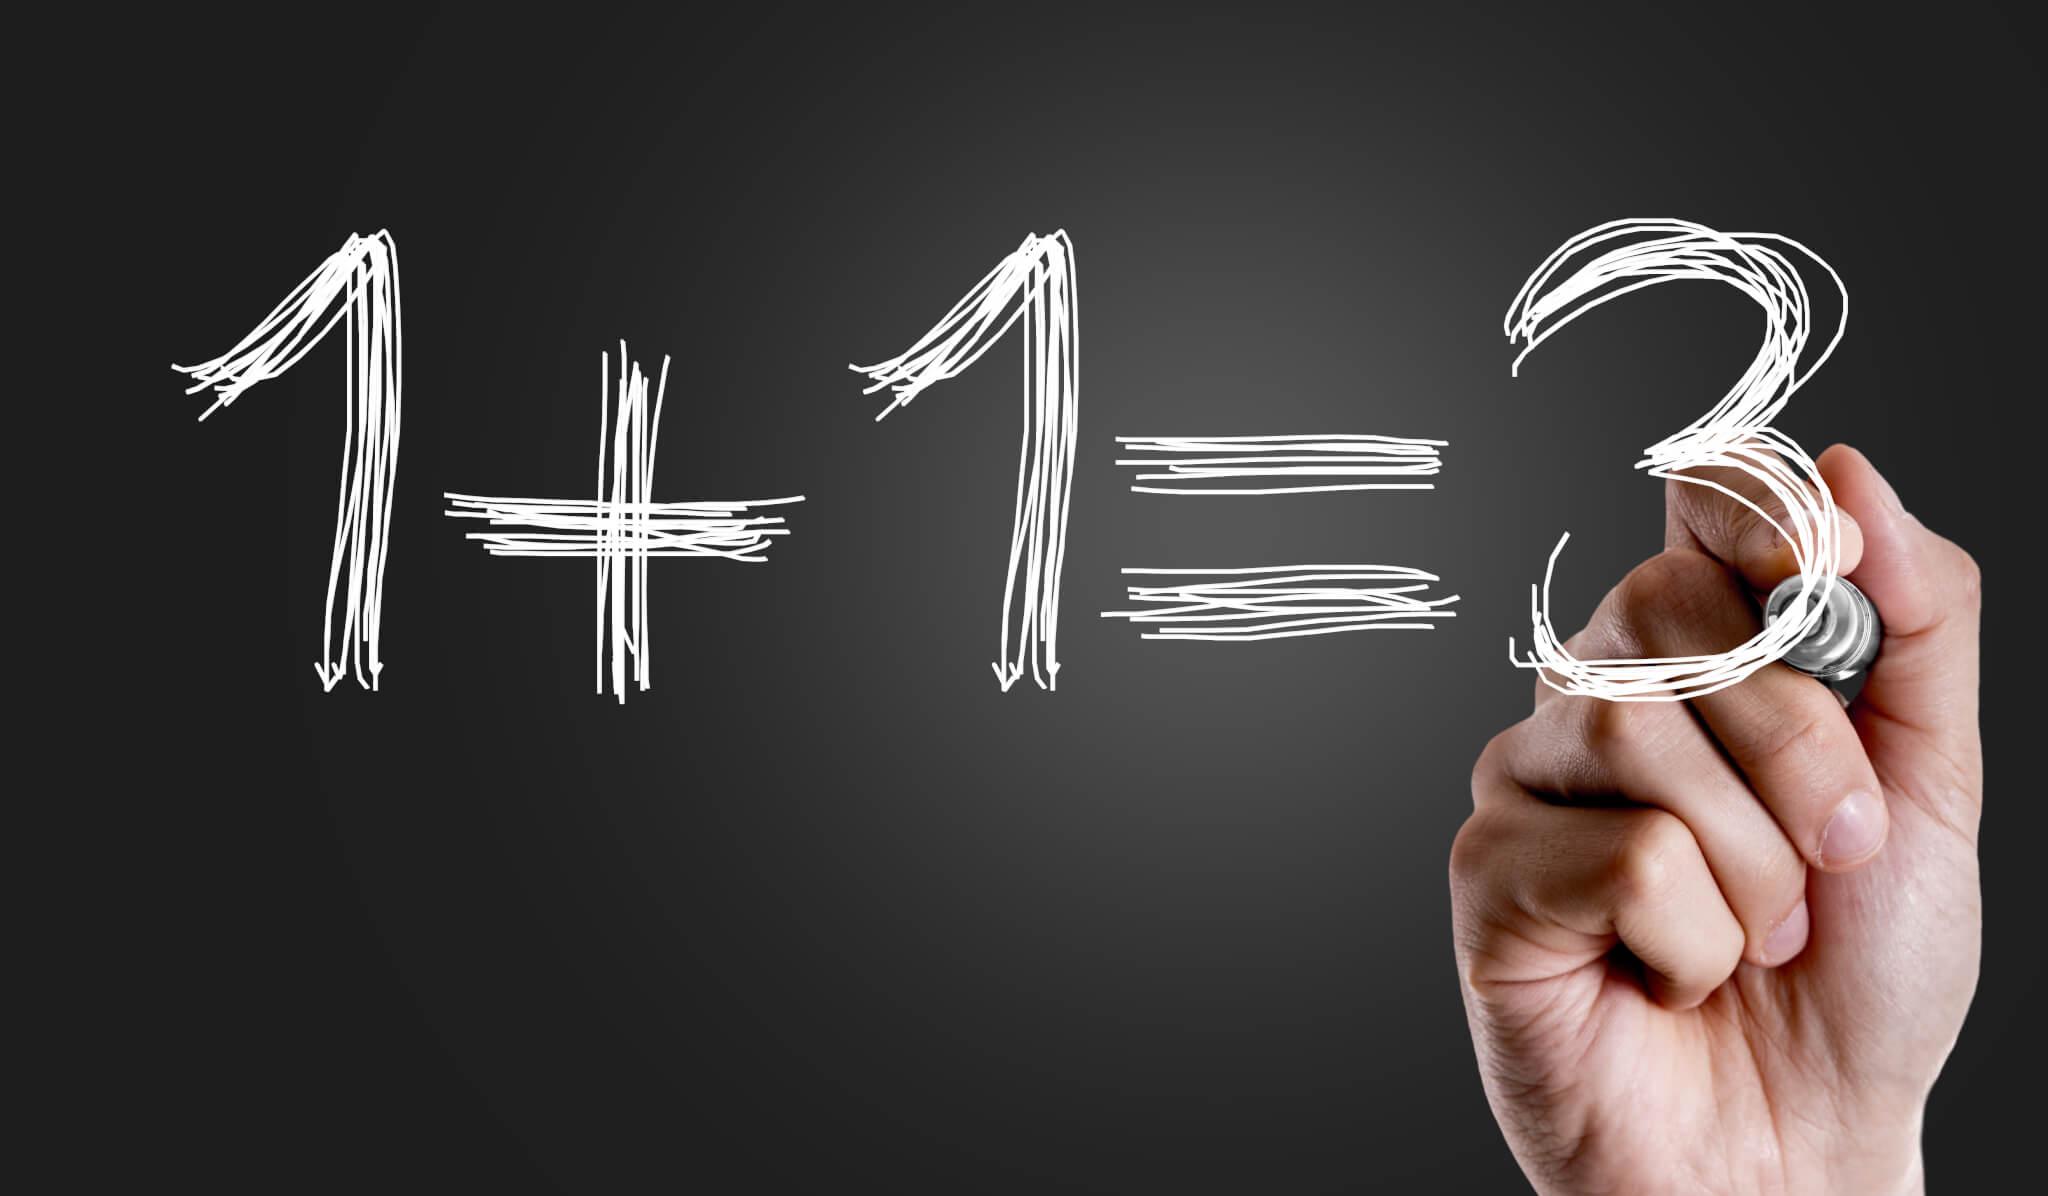 Stabsmetodiken skapar synergieffekter i vardagen: 1+1=3